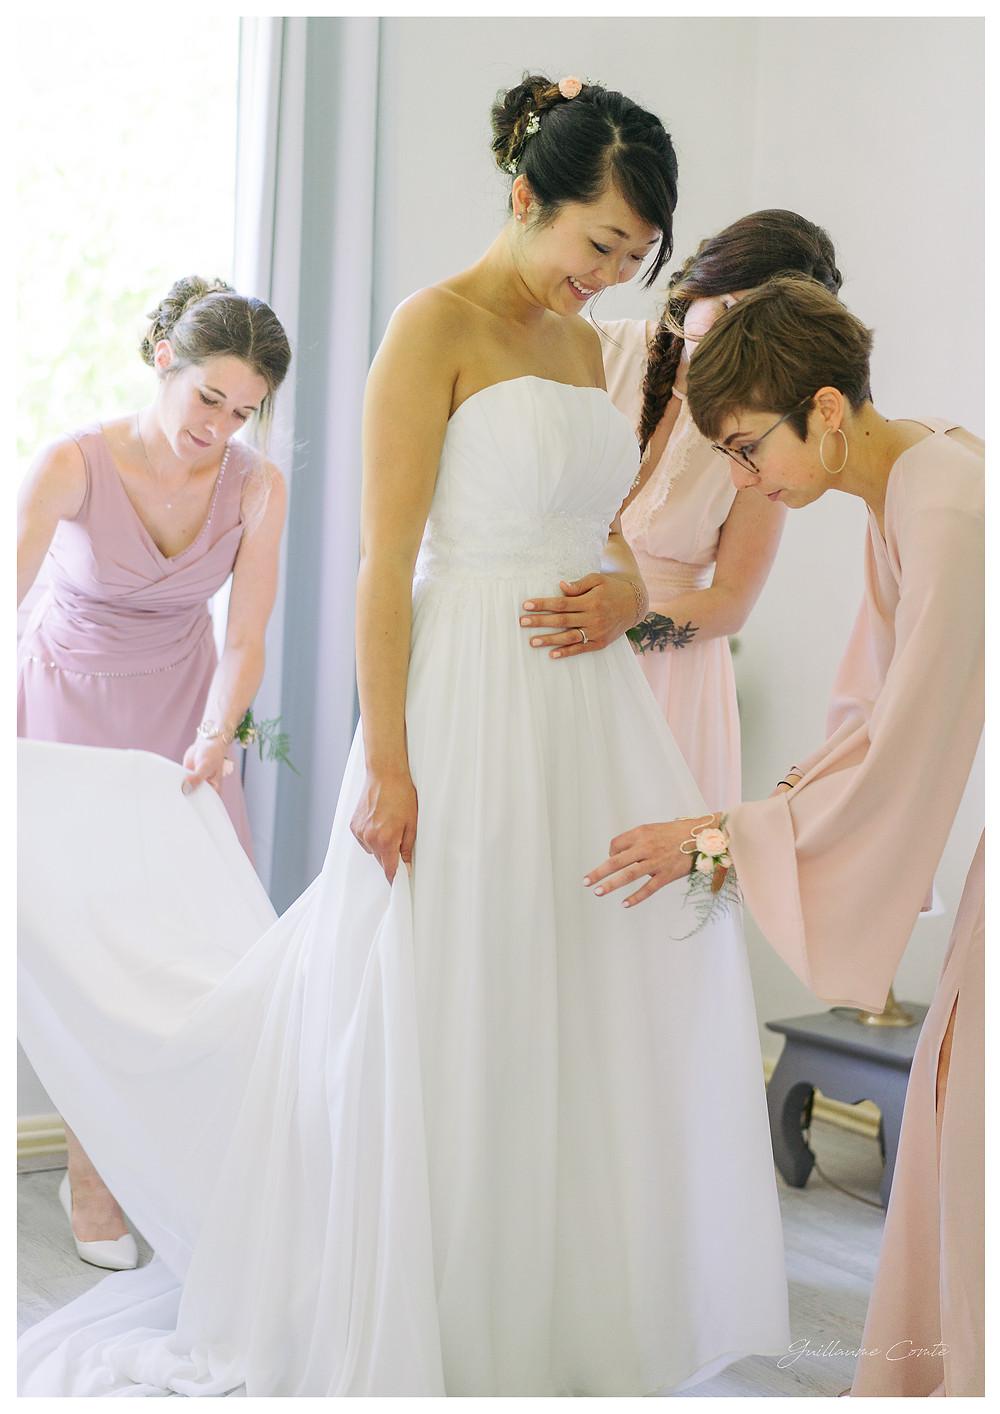 Mariage Préparatifs Wedding Bride Mariee Limoges Limousin Photographe Guillaume Comte